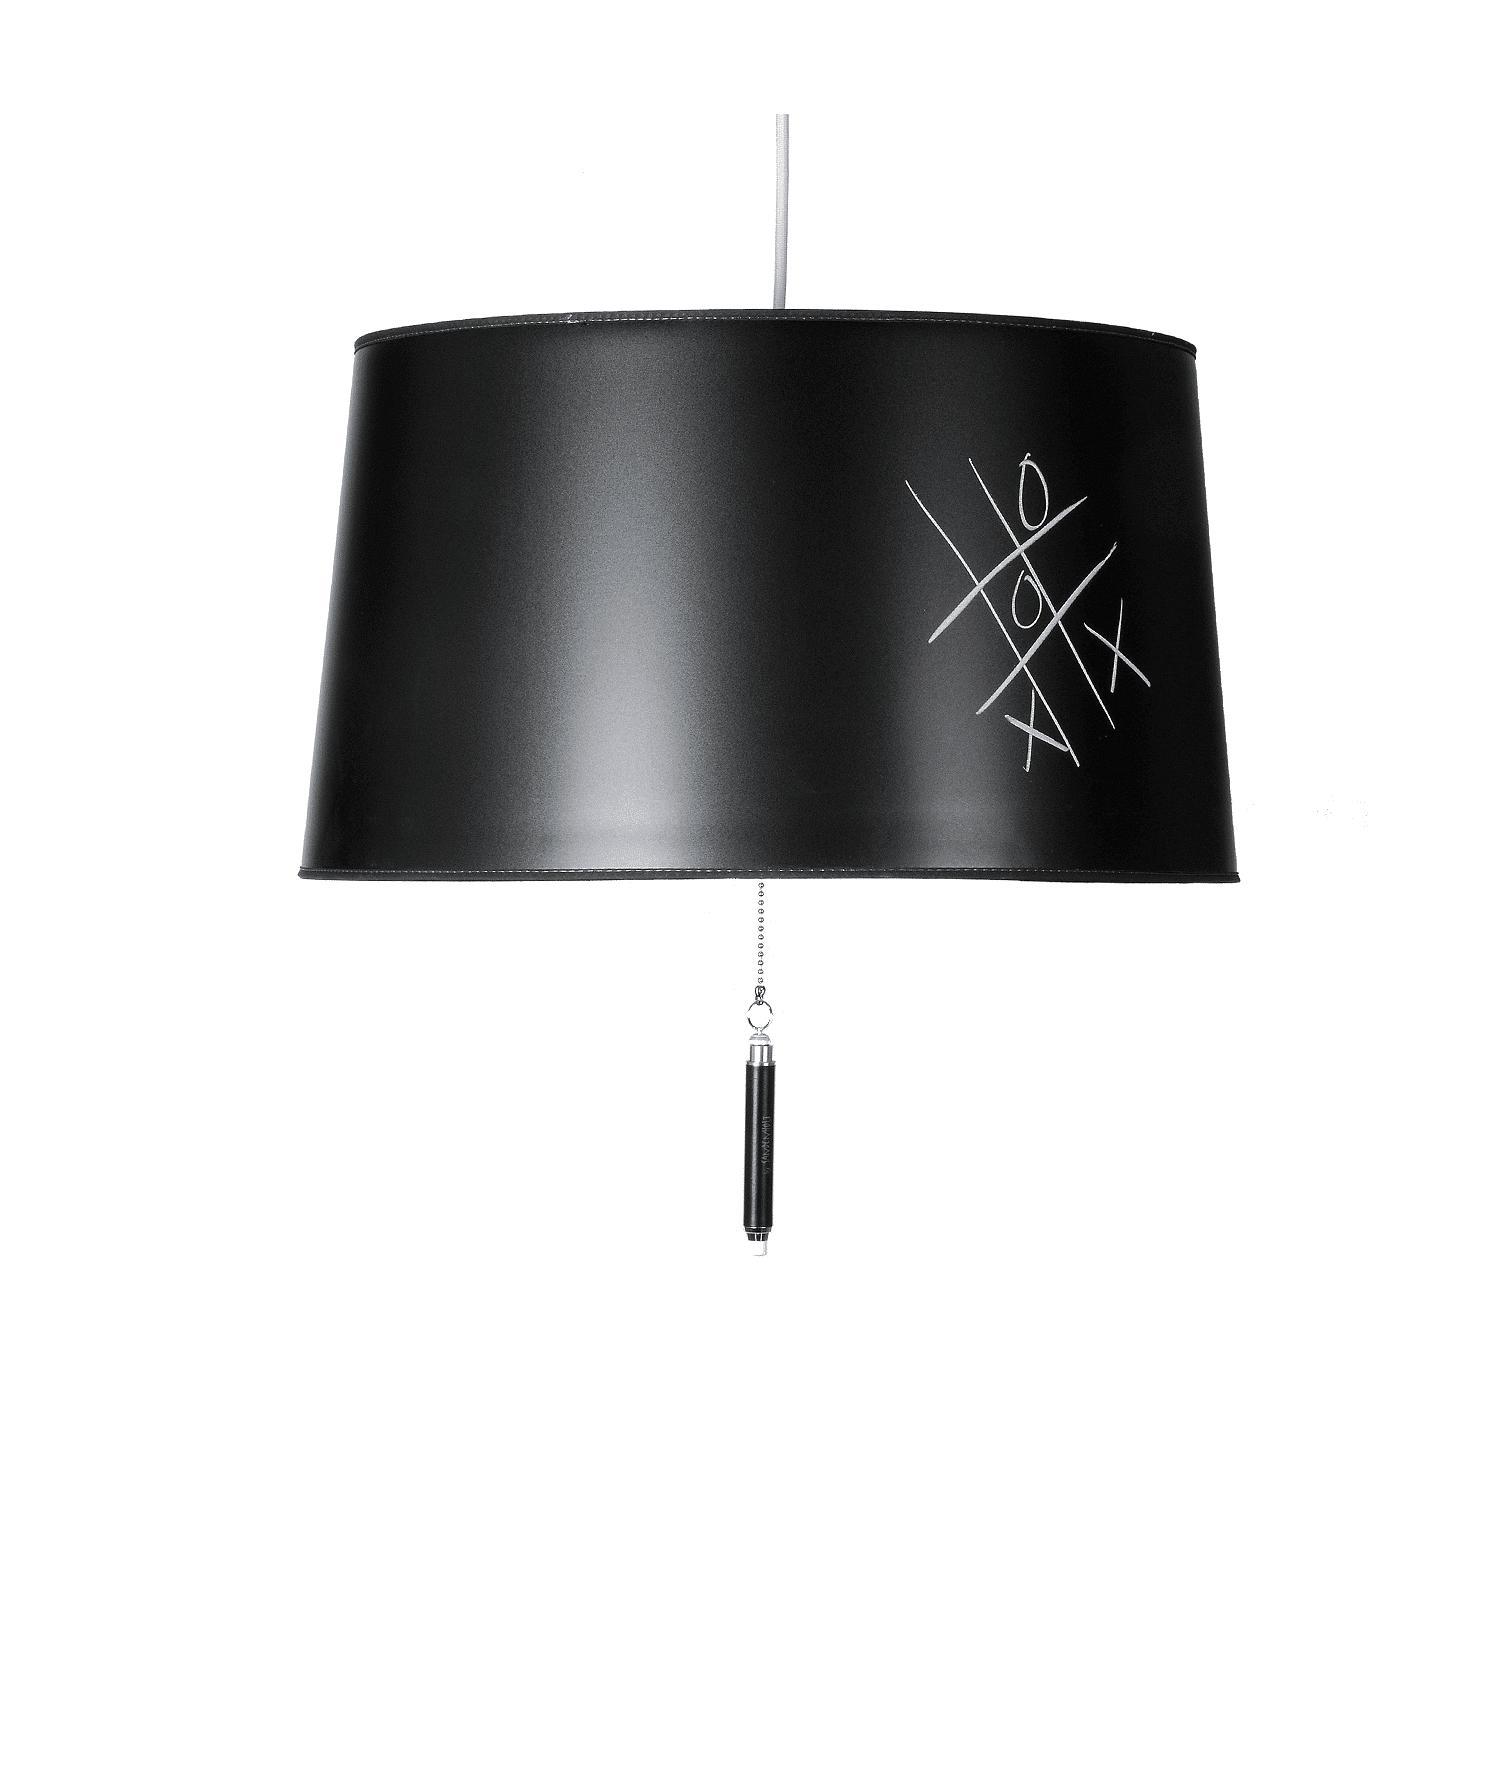 Lamperne er lavet af et skrivebart materiale. Så man kan skrive små søde beskeder på skærmen. Blackboard leveres med kridt i en kridtholder